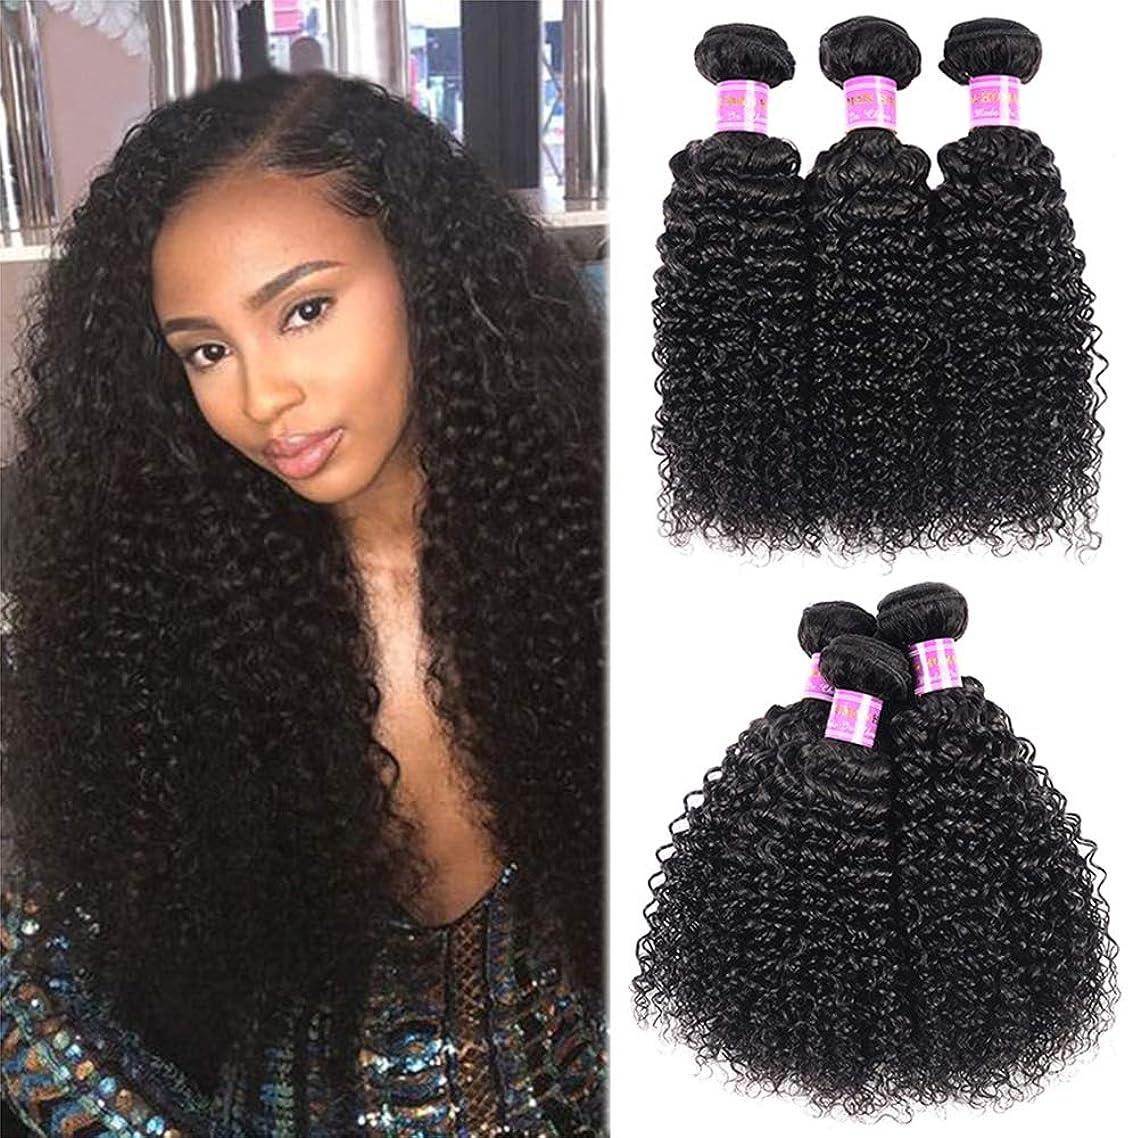 選ぶ人形家ブラジルの変態カーリーヘアバンドルブラジルの髪1バンドルブラジルの人間の髪の毛の束ブラジルのカーリーヘアの束